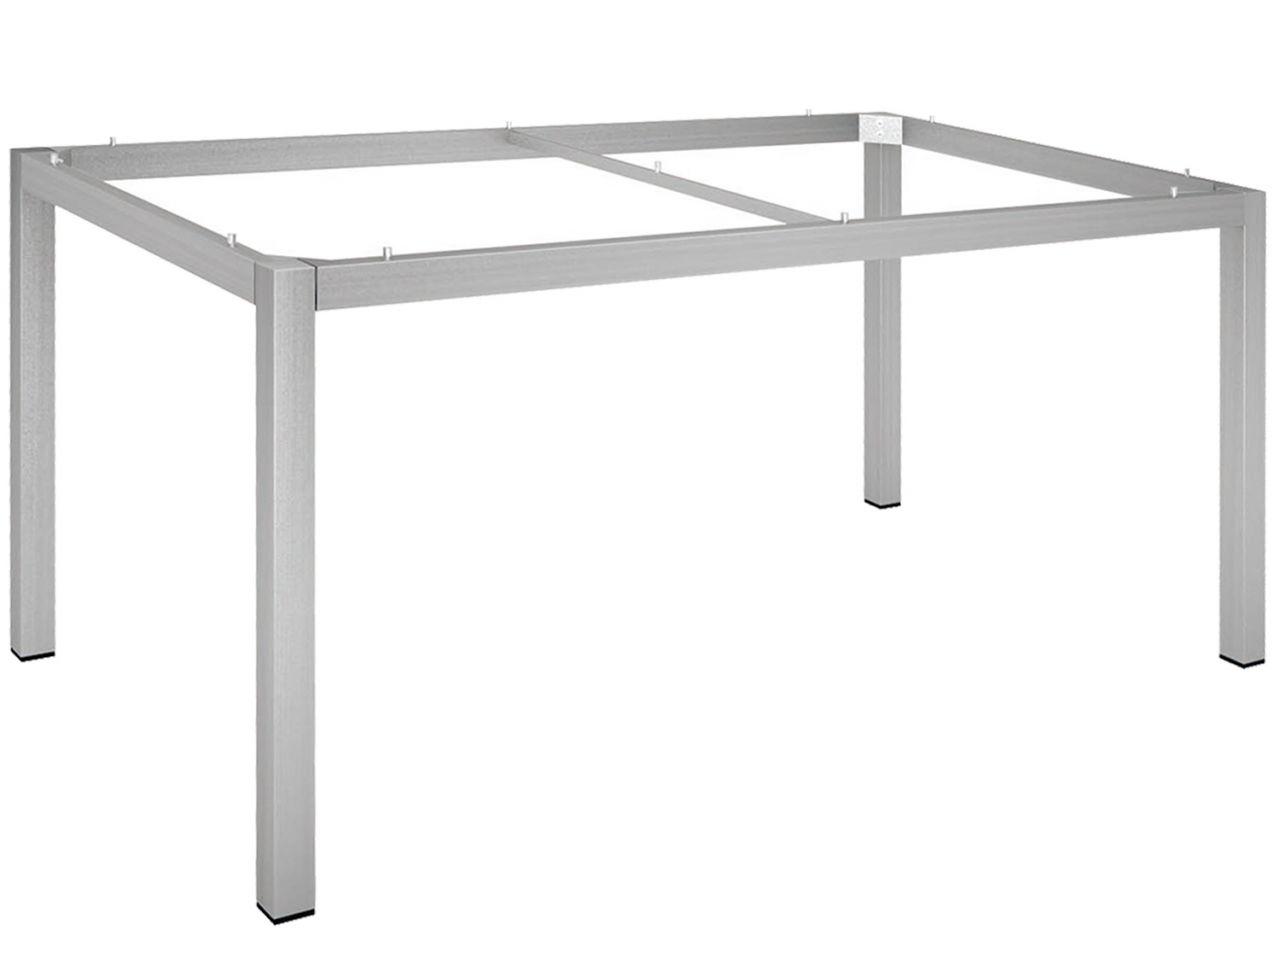 Stern Tischgestell 130x80cm Edelstahl Vierkantrohr